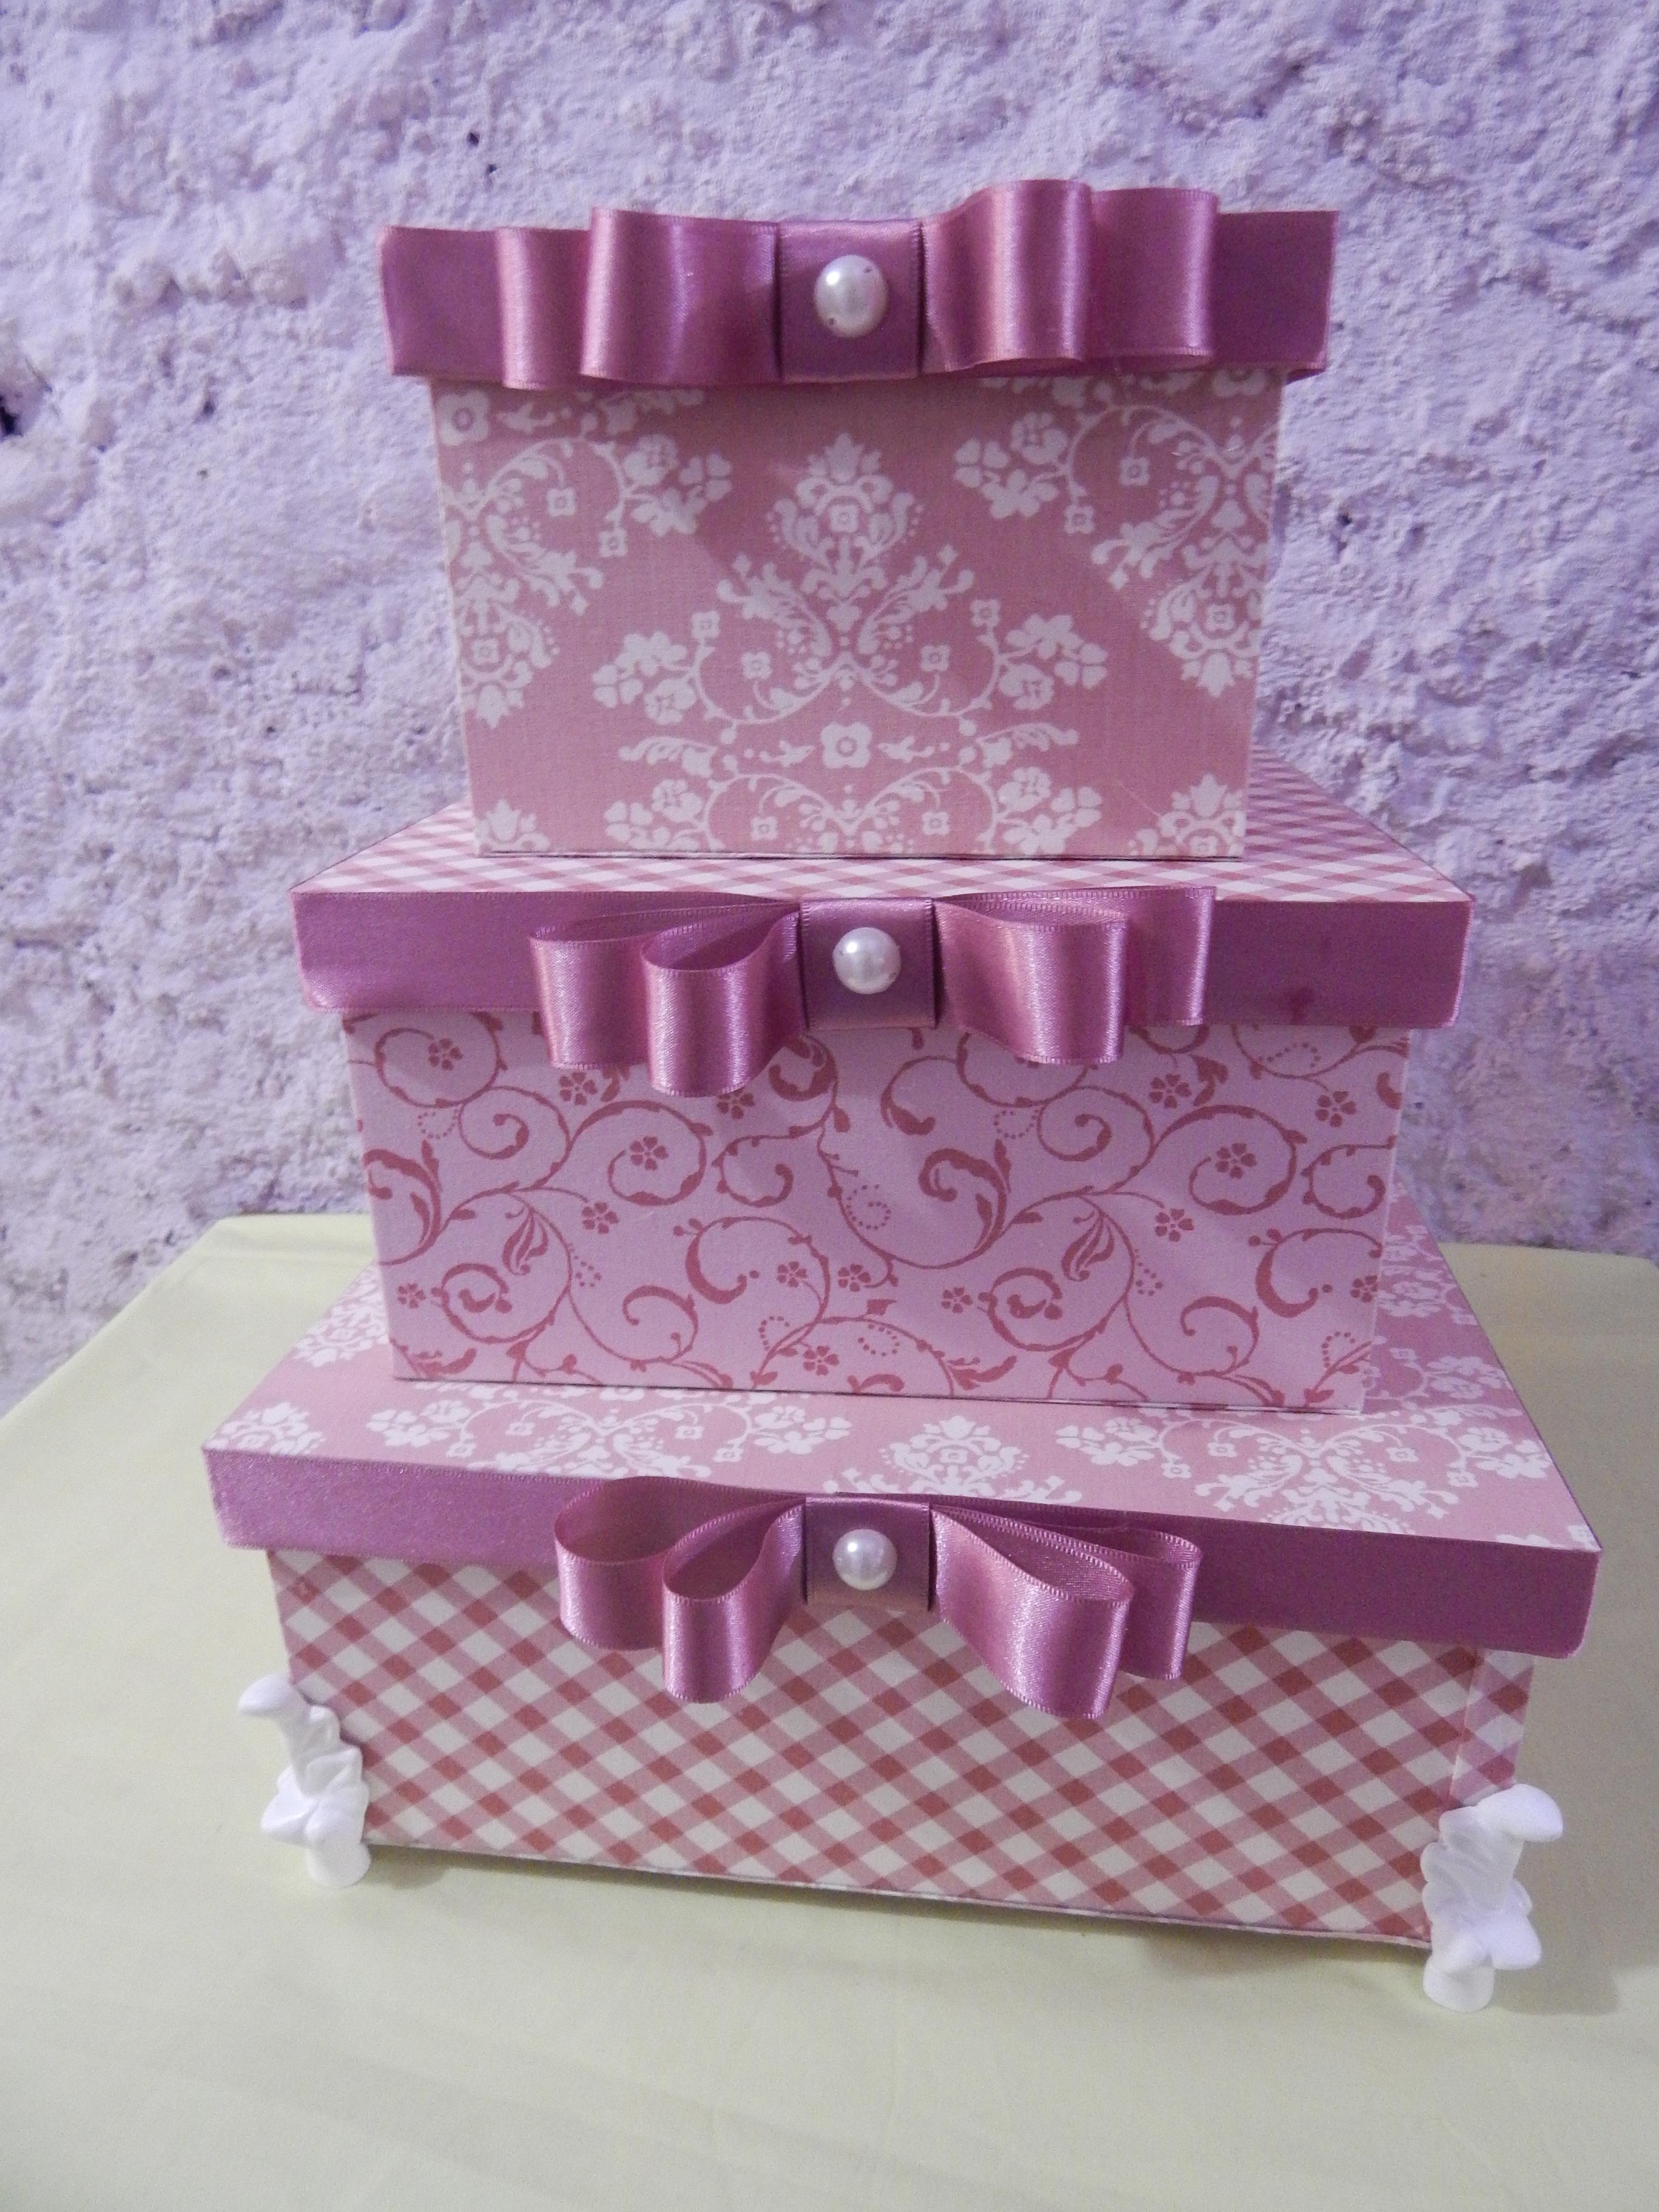 caixa encapada jogo de caixas encapada com tecido caixa encapada caixa  #4B203B 3456x4608